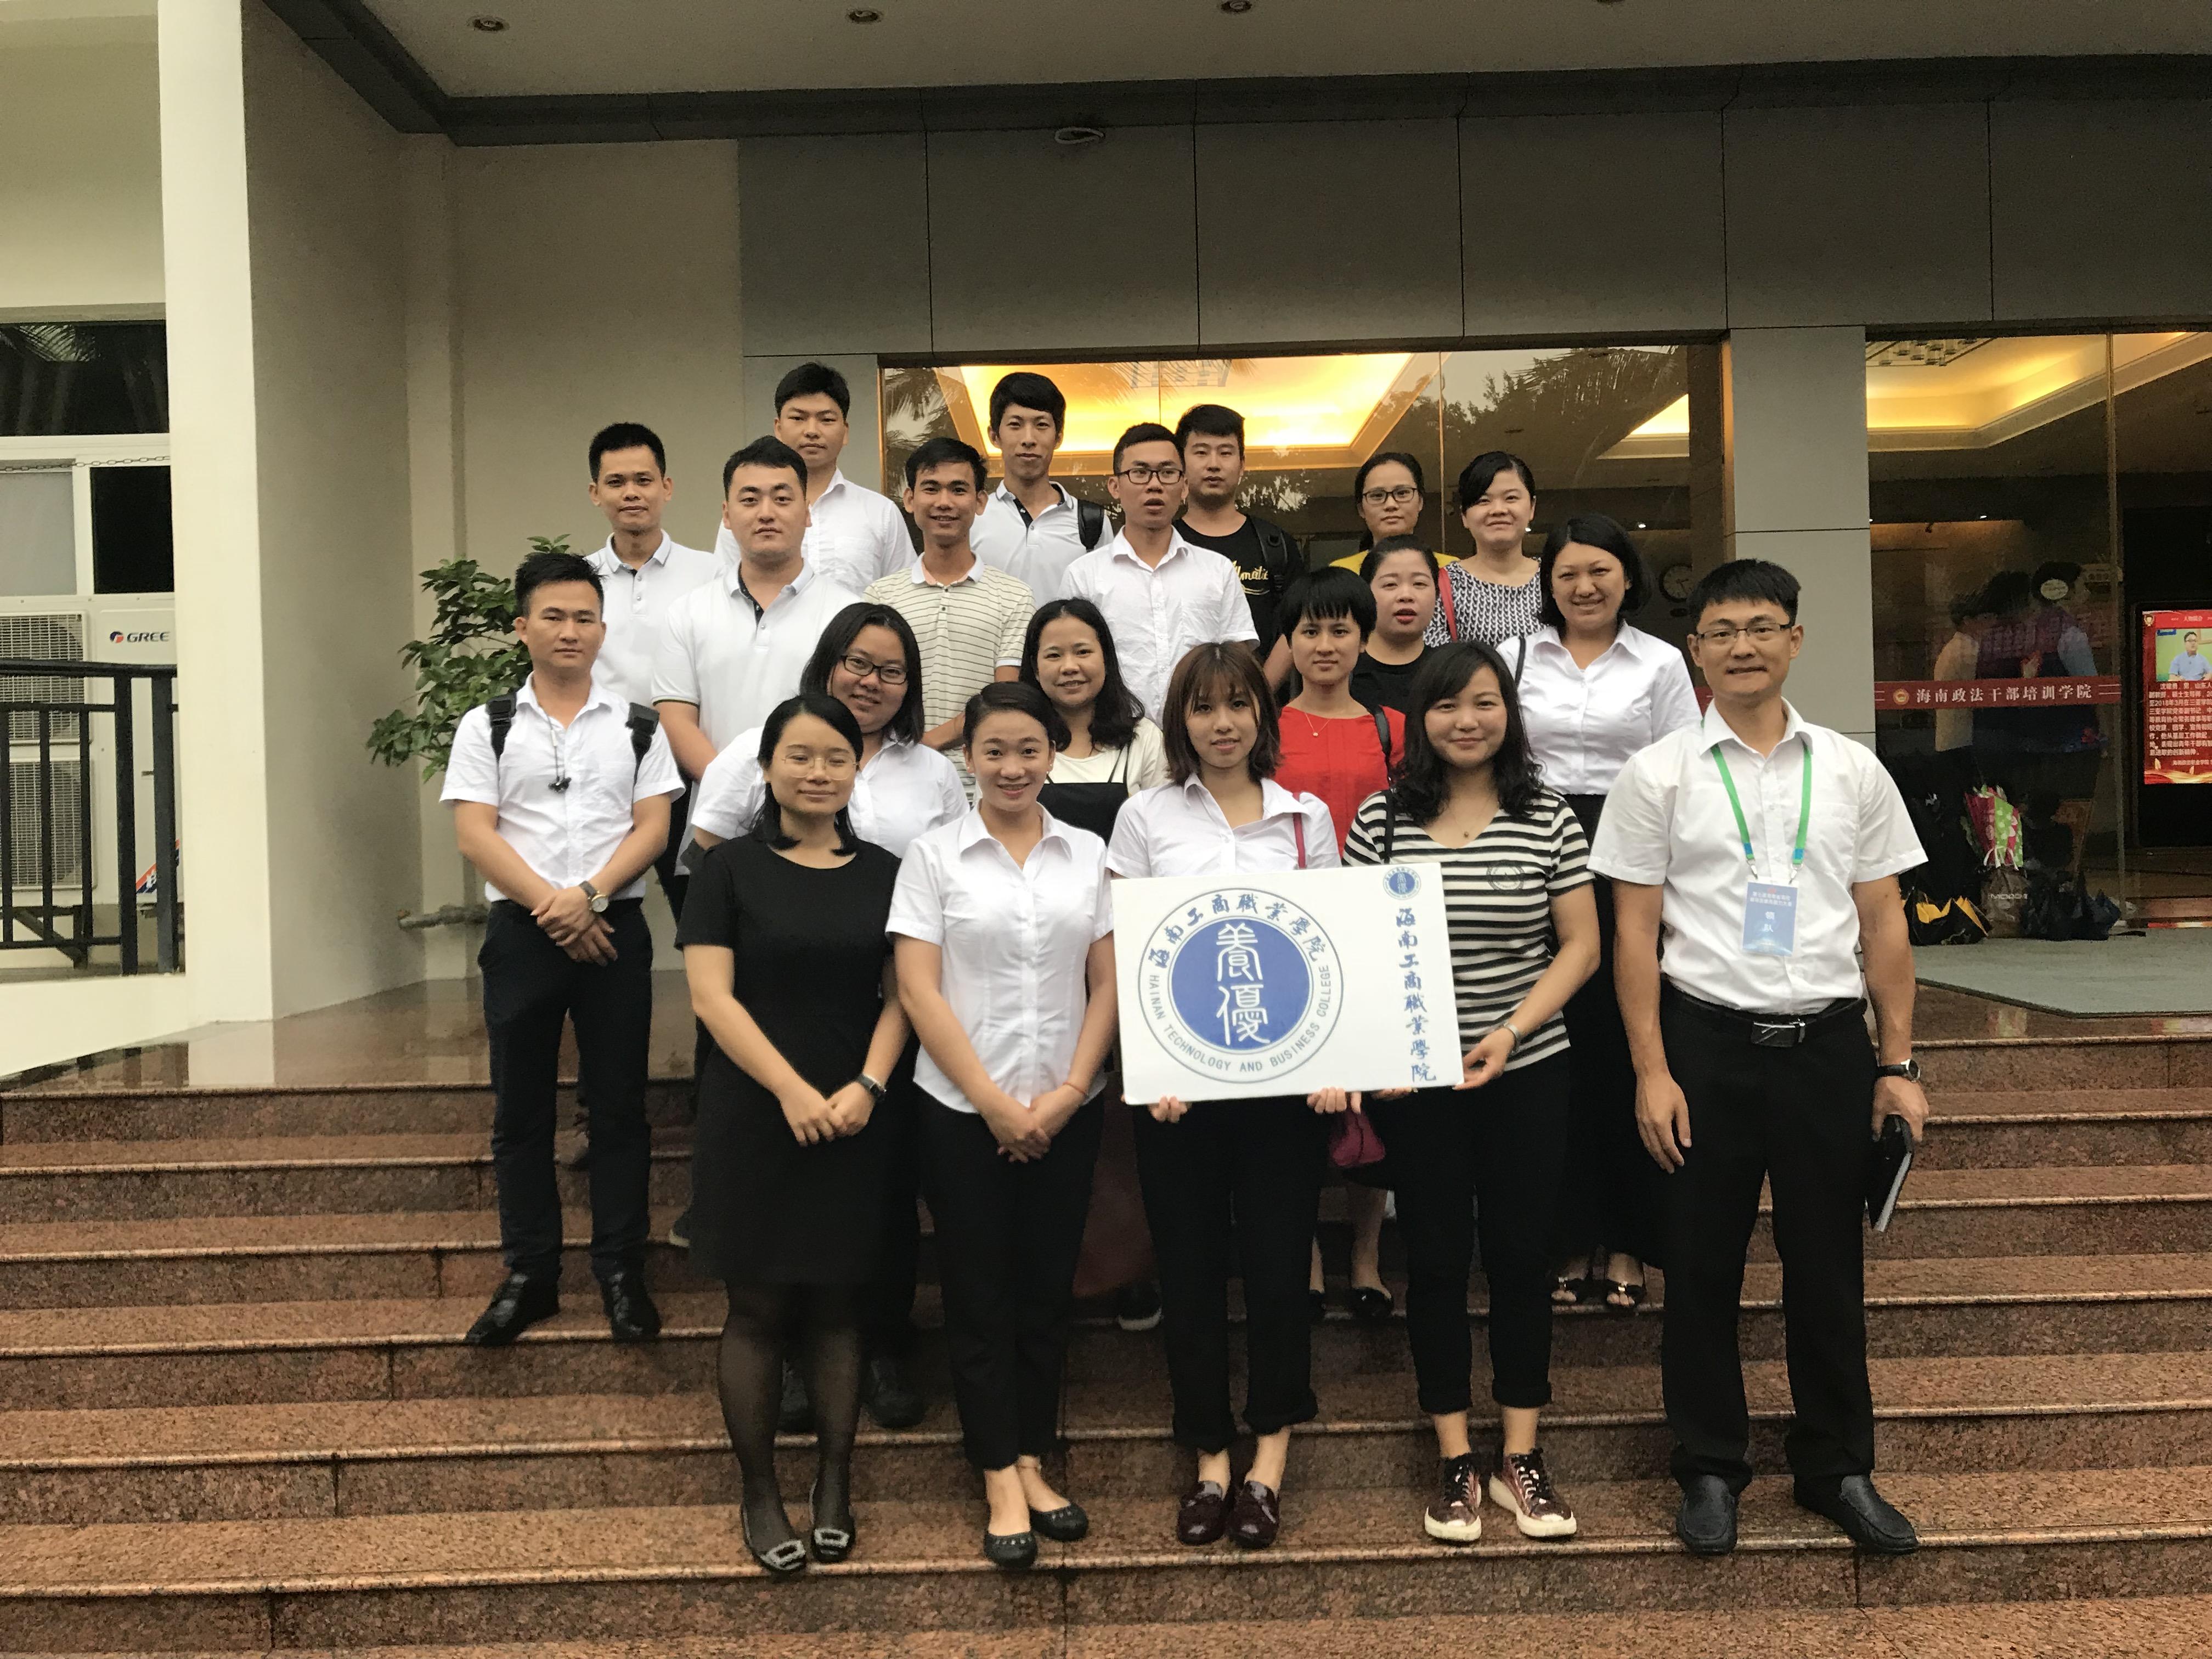 我校组织辅导员参赛观摩第七届海南省高校辅导员素质能力大赛